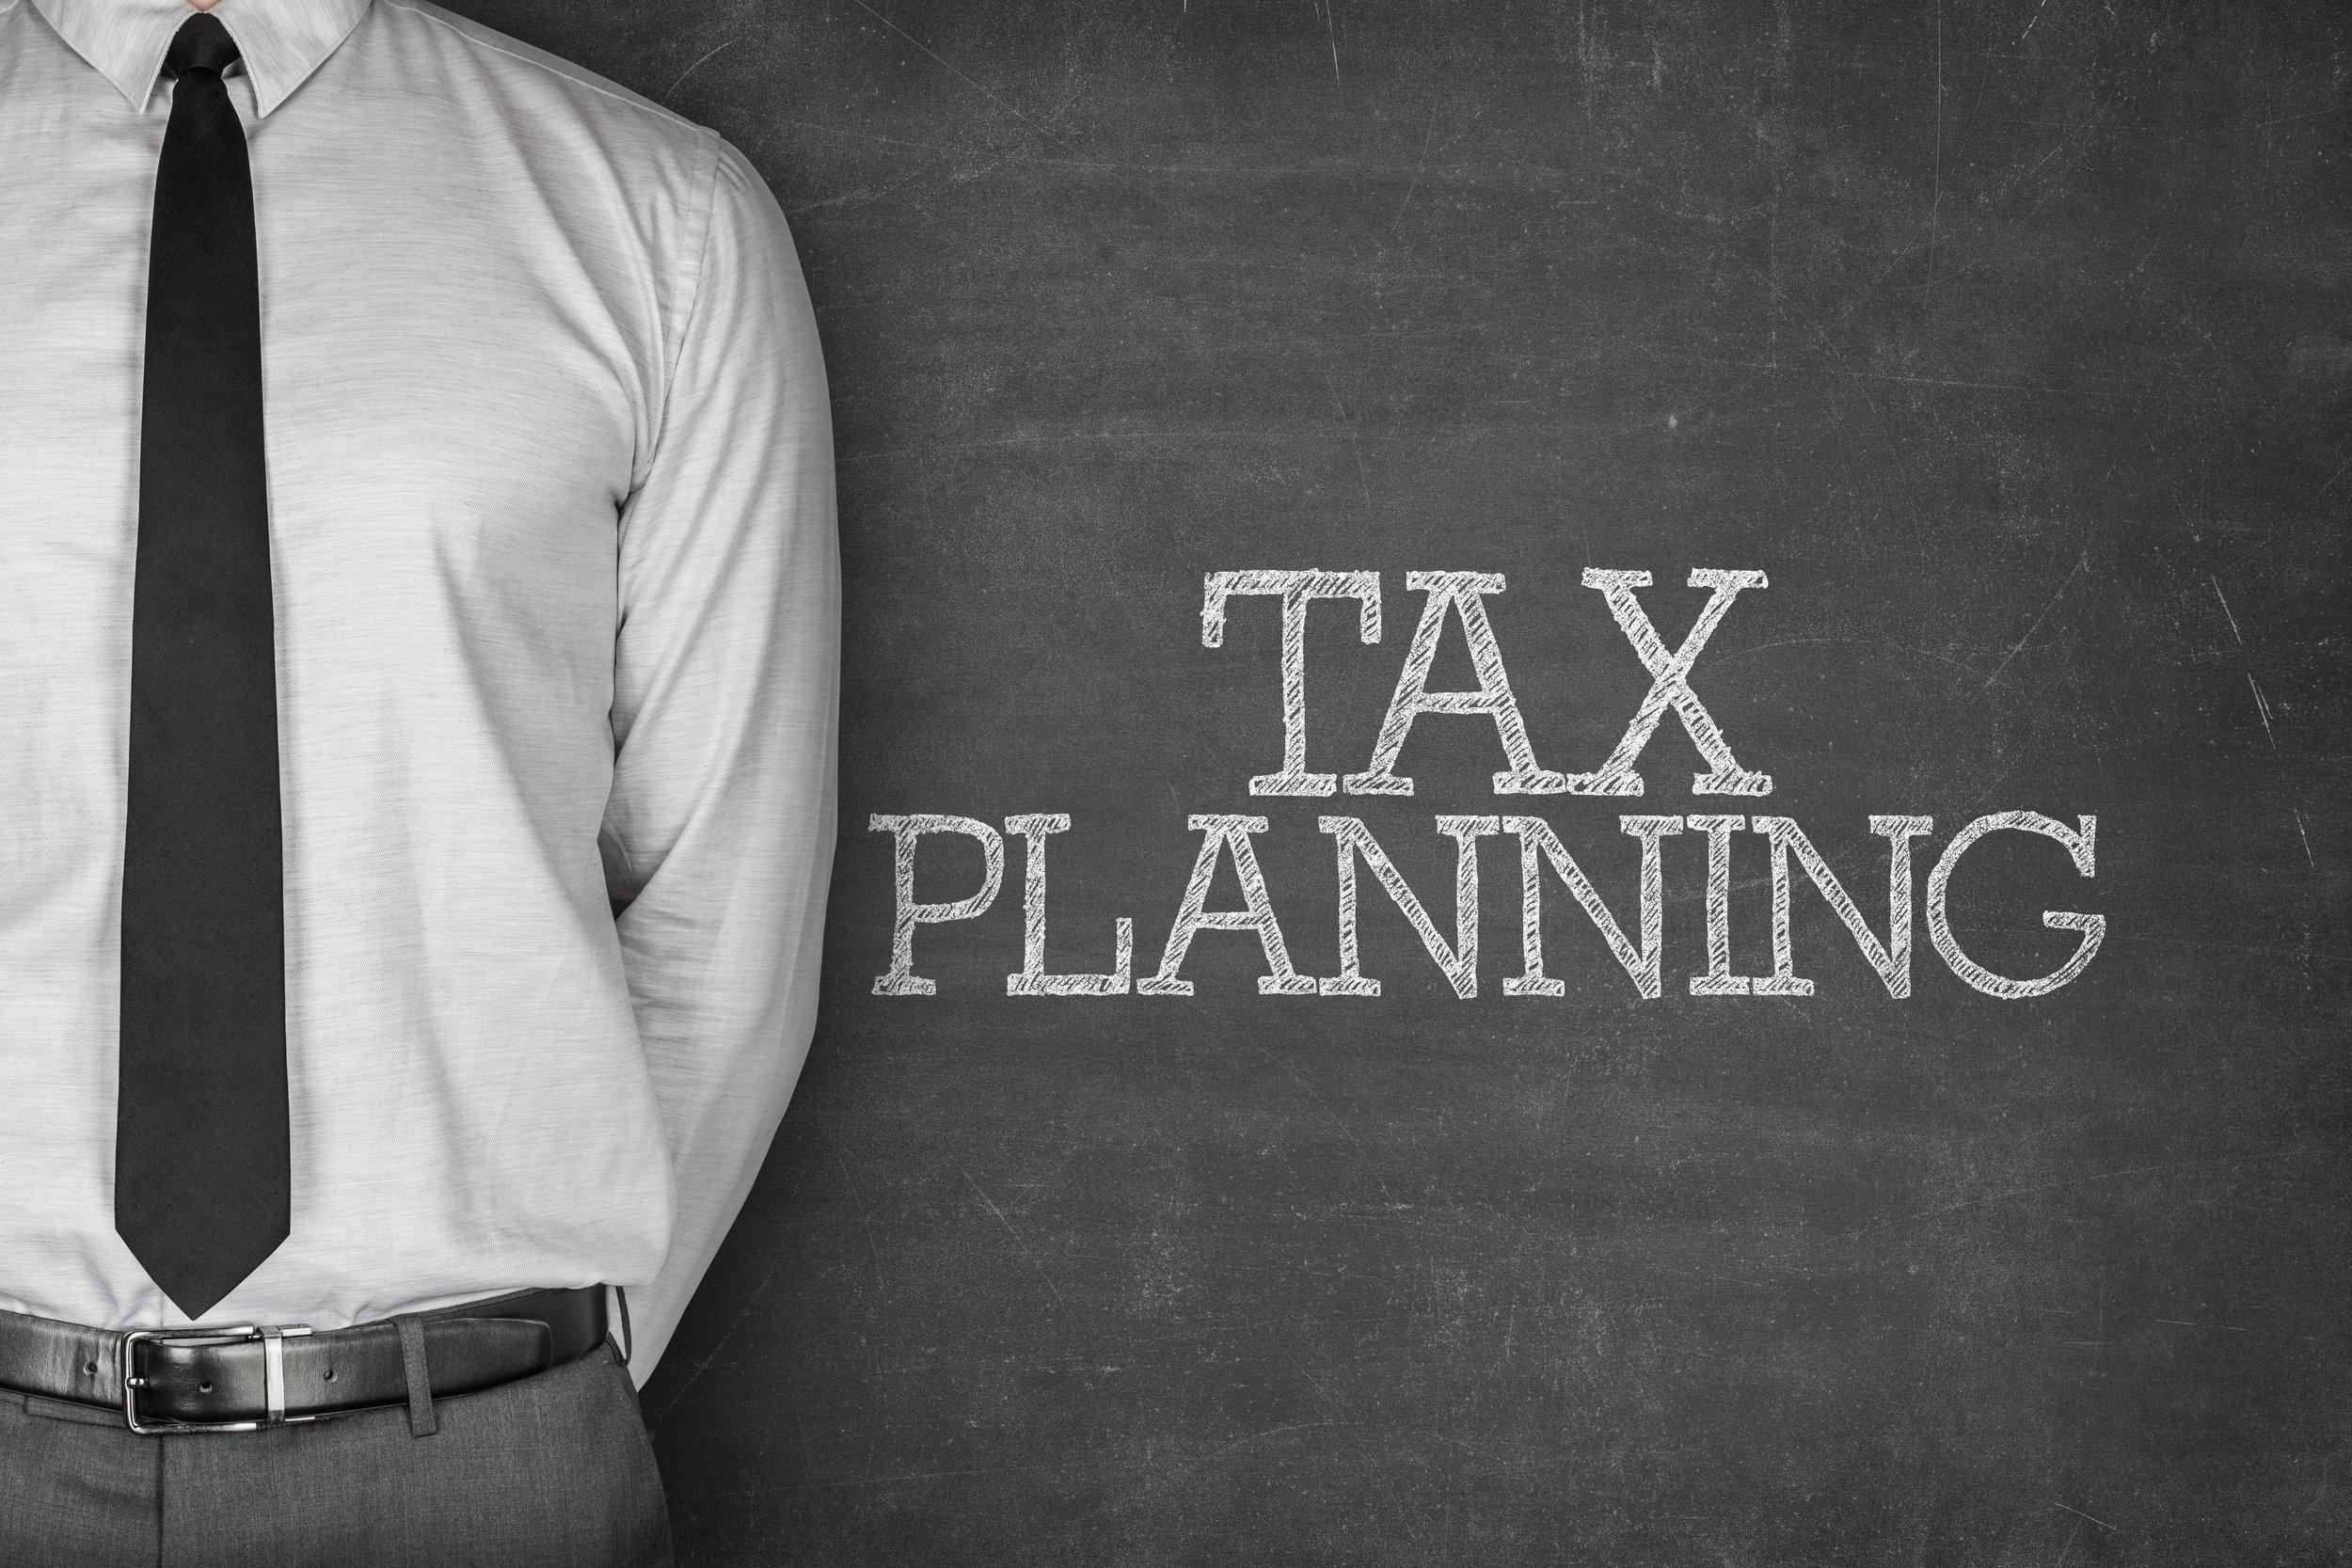 SilverCrest Wealth Planning Tax Planning blackboard.jpg